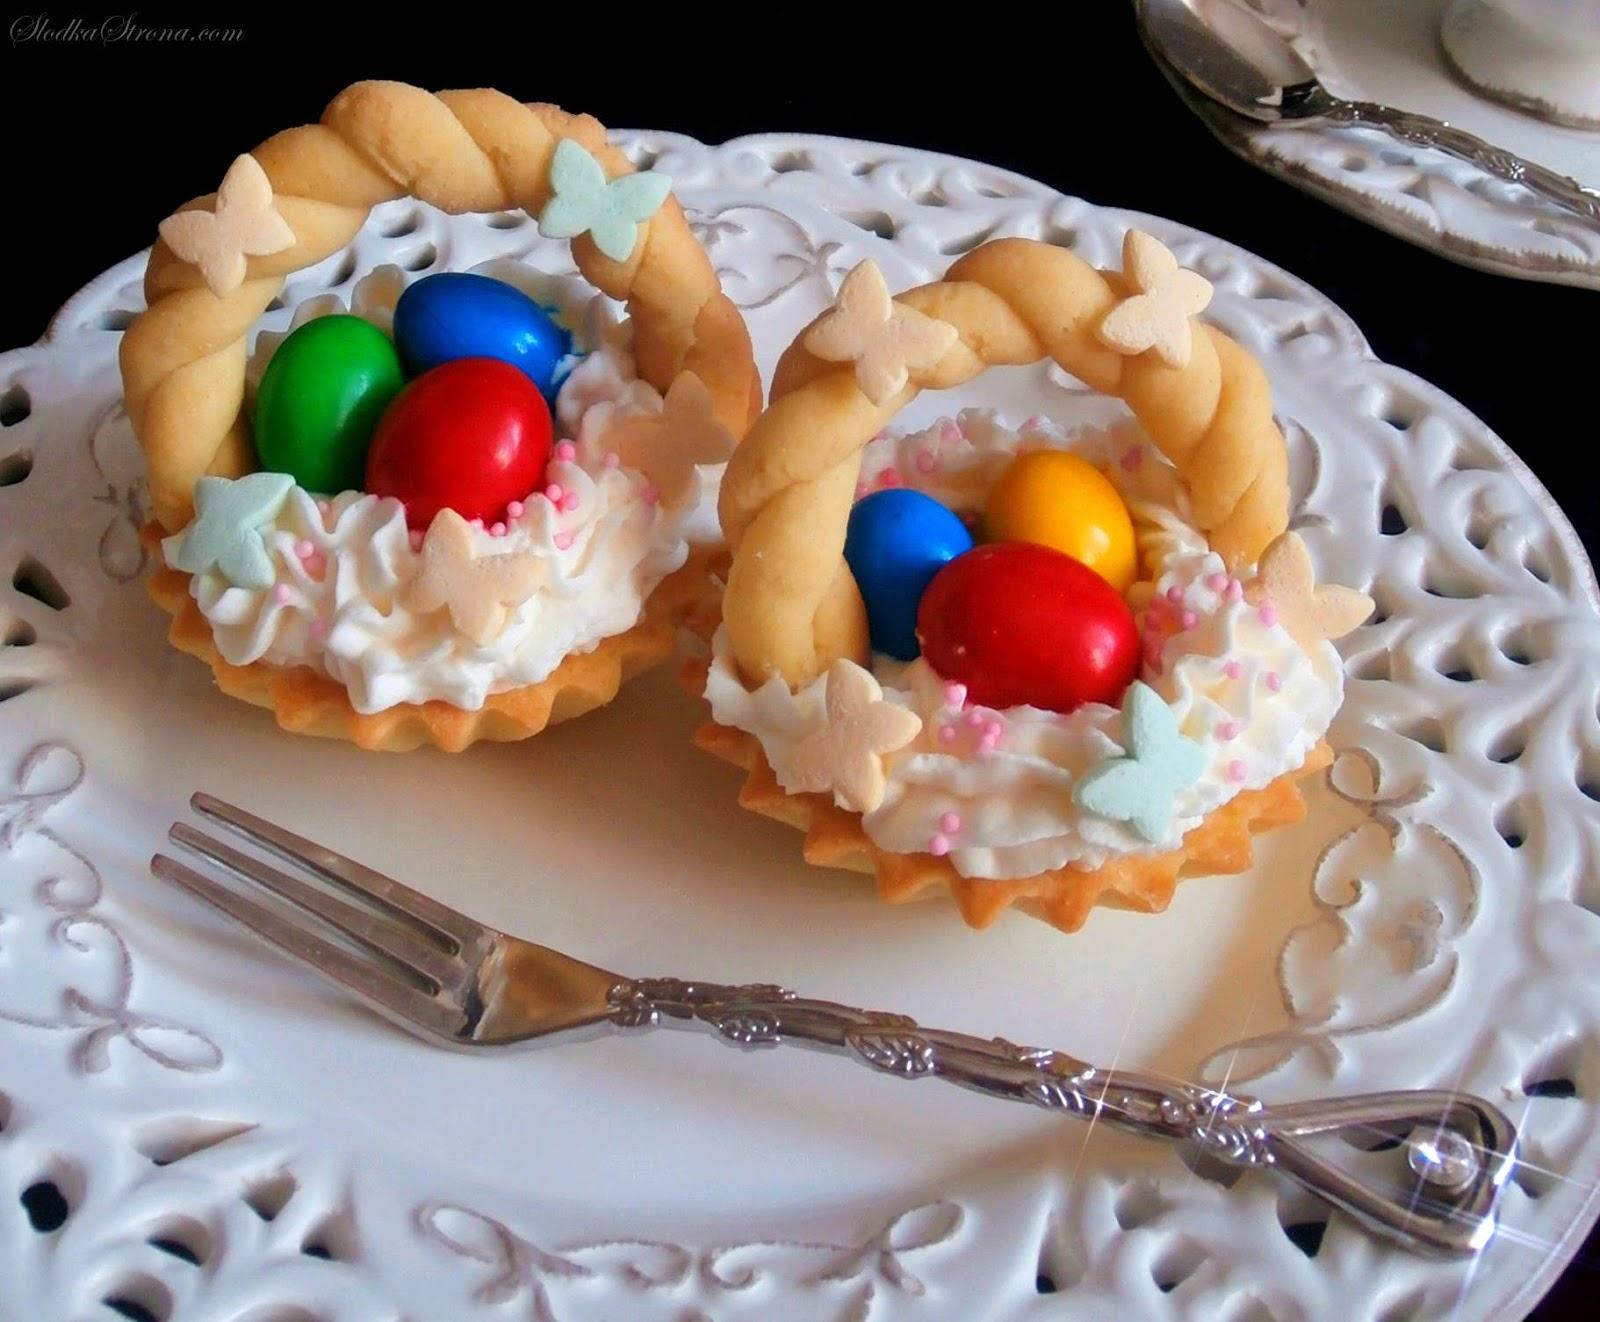 Wielkanocne Kruche Babeczki - Koszyczki z Jajeczkami - Przepis - Słodka Strona